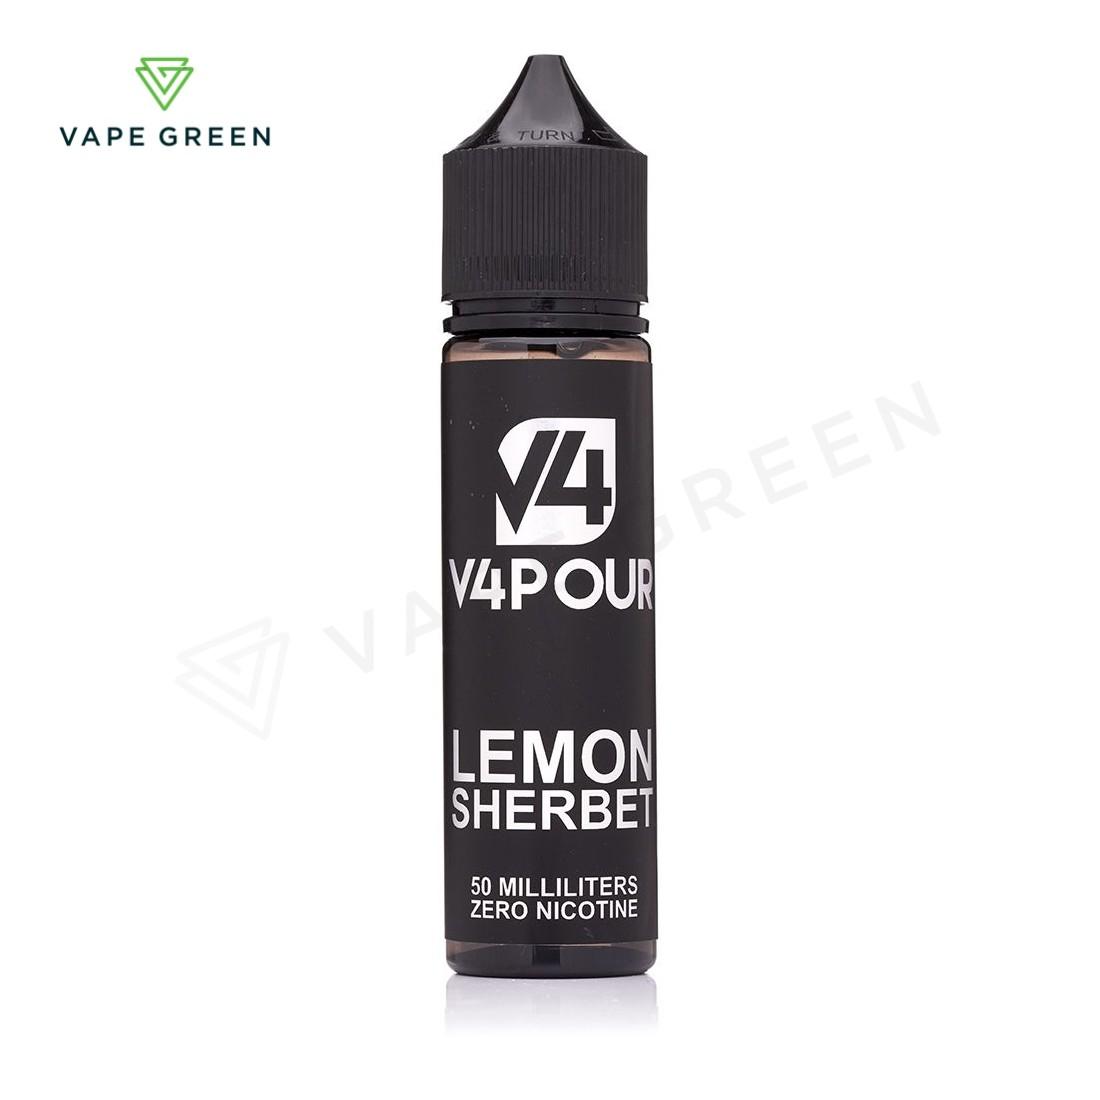 Lemon Sherbet E-liquid by V4 Vapour 50ml